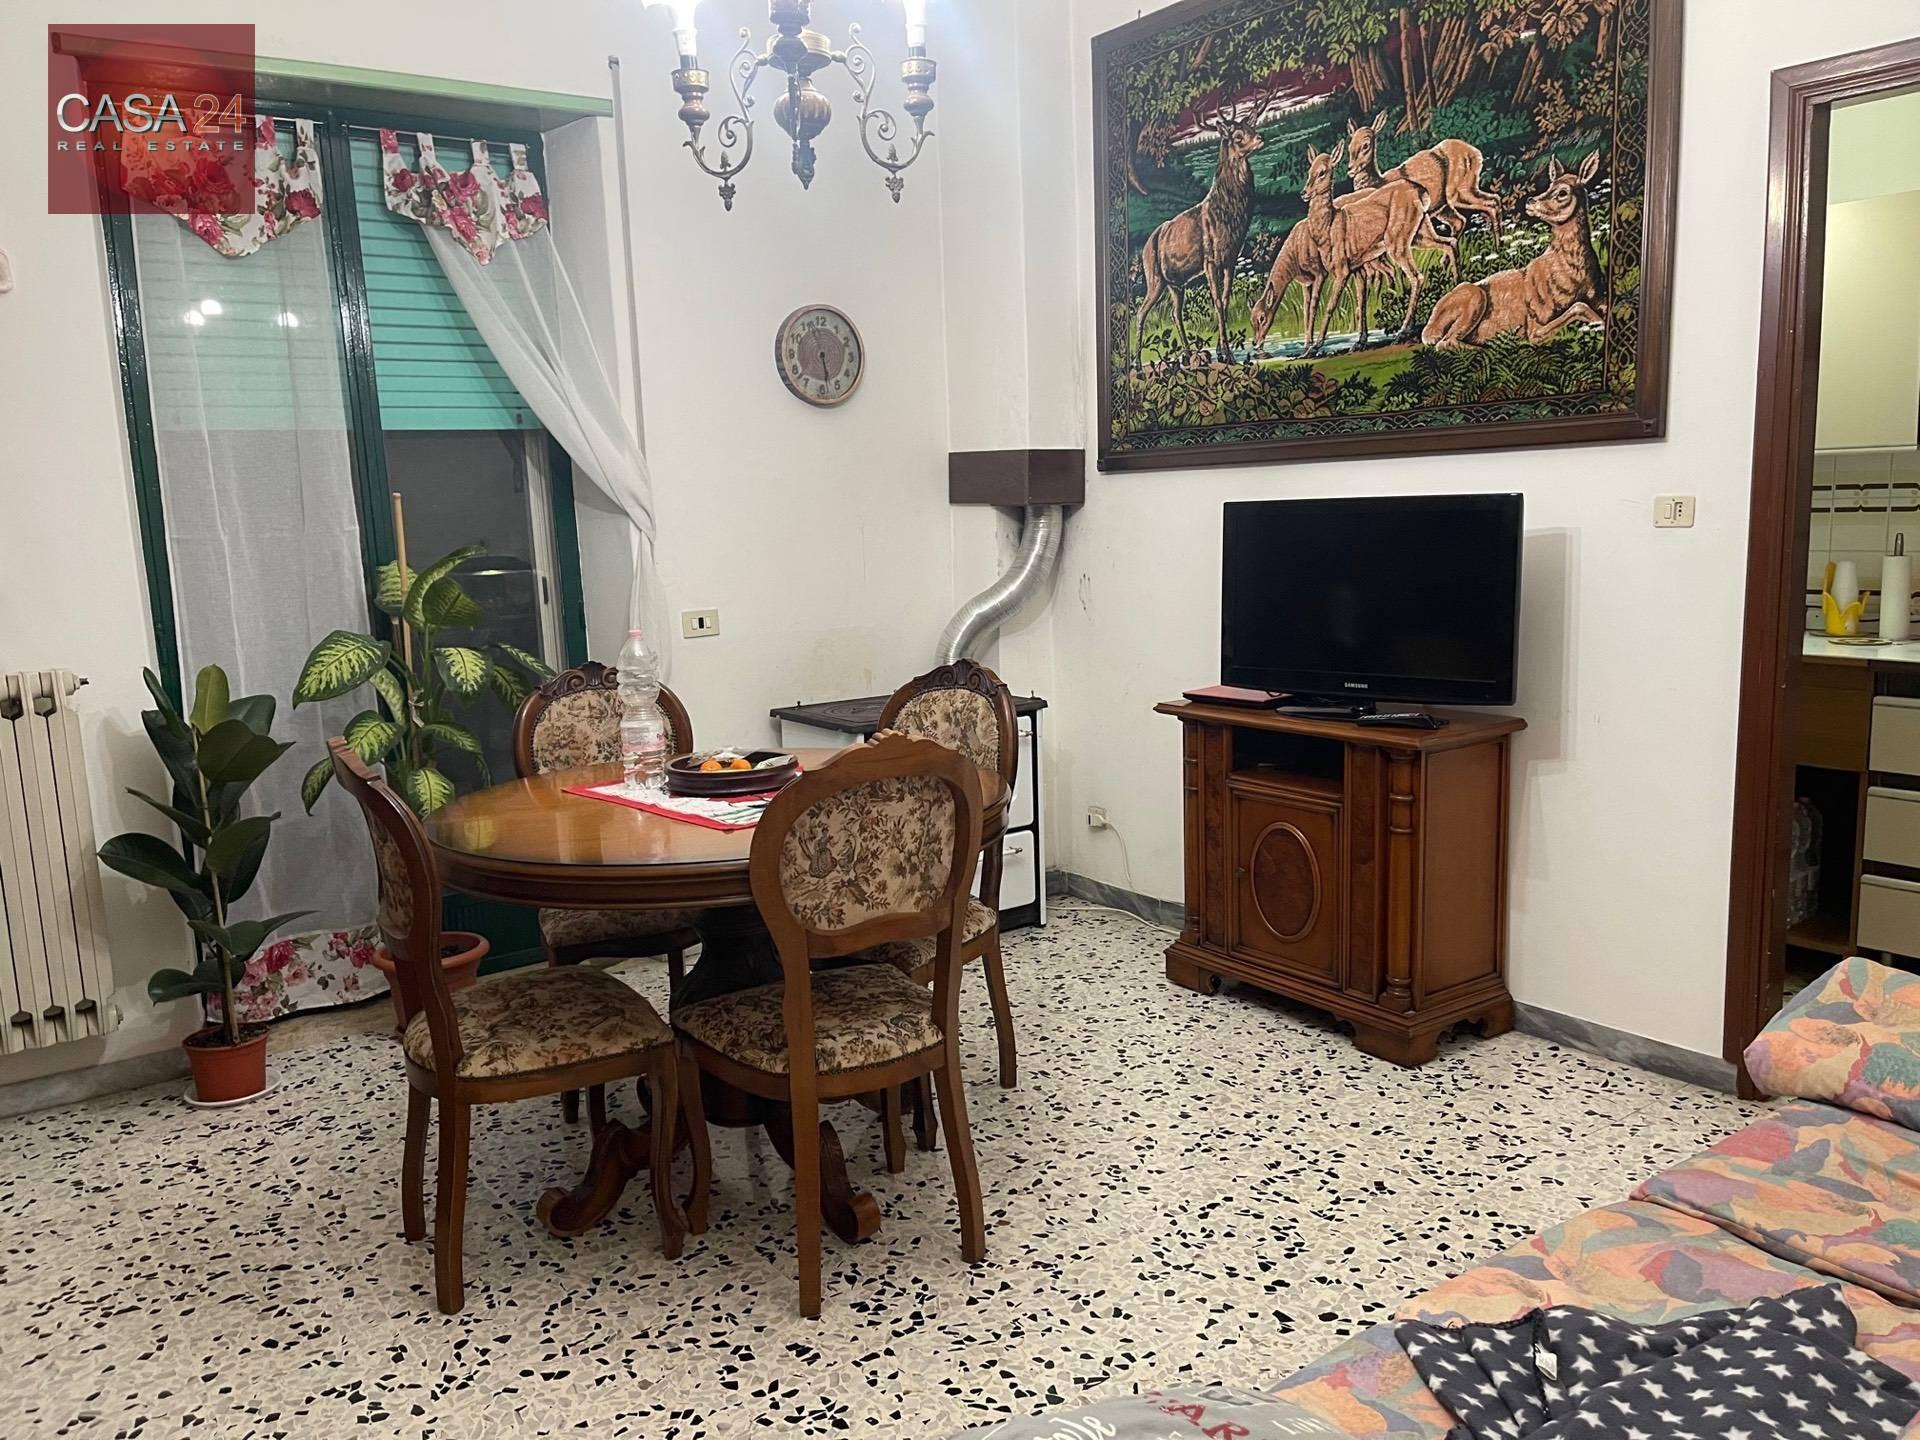 Appartamento in vendita a Latina, 4 locali, zona Località: BorgoS.aMaria, prezzo € 89.000 | PortaleAgenzieImmobiliari.it